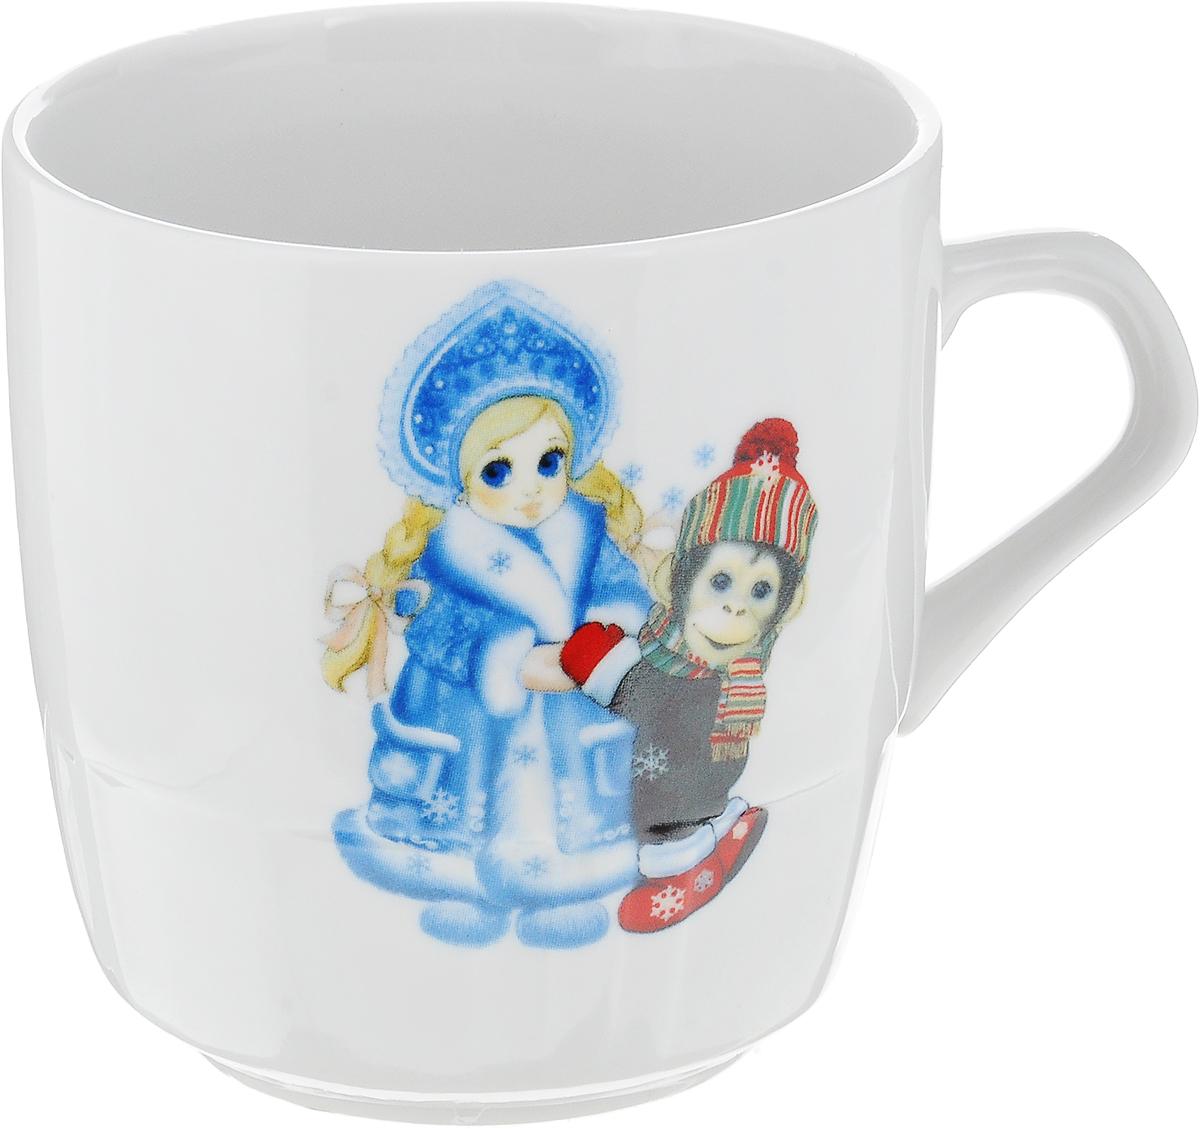 Кружка Фарфор Вербилок Новогодние обезьянки, 250 мл5814270_со снегурочкойКружка Фарфор Вербилок Новогодние обезьянки выполнена из высококачественного фарфора с глазурованным покрытием и оформлена оригинальным принтом. Посуда из фарфора позволяет сохранить истинный вкус напитка, а также помогает ему дольше оставаться теплым. Изделие оснащено удобной ручкой. Такая кружка прекрасно оформит стол к чаепитию и станет его неизменным атрибутом. Можно мыть в посудомоечной машине и использовать в СВЧ. Диаметр кружки (по верхнему краю): 8,3 см. Высота чашки: 8,5 см.